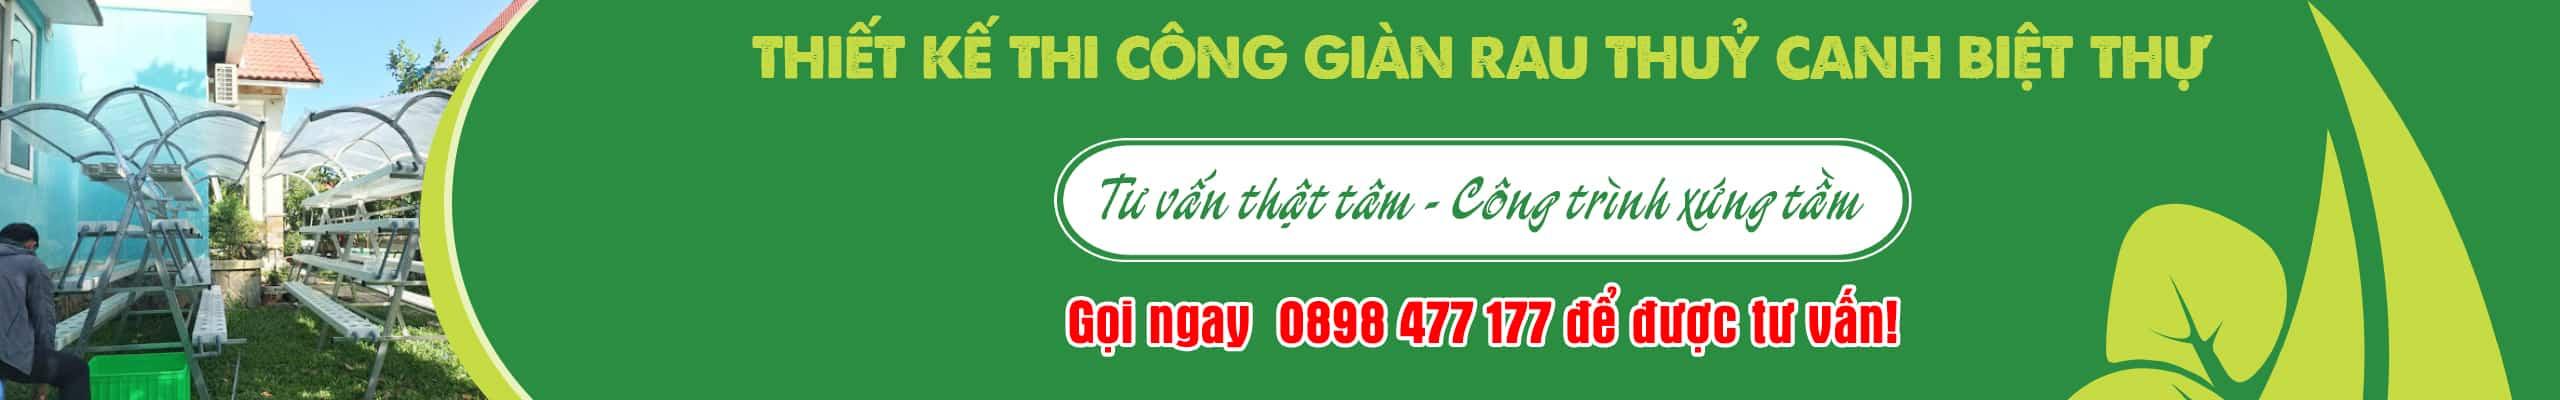 Thiet-ke-thi-cong-vuon-rau-thuy-canh-cho-biet-thu